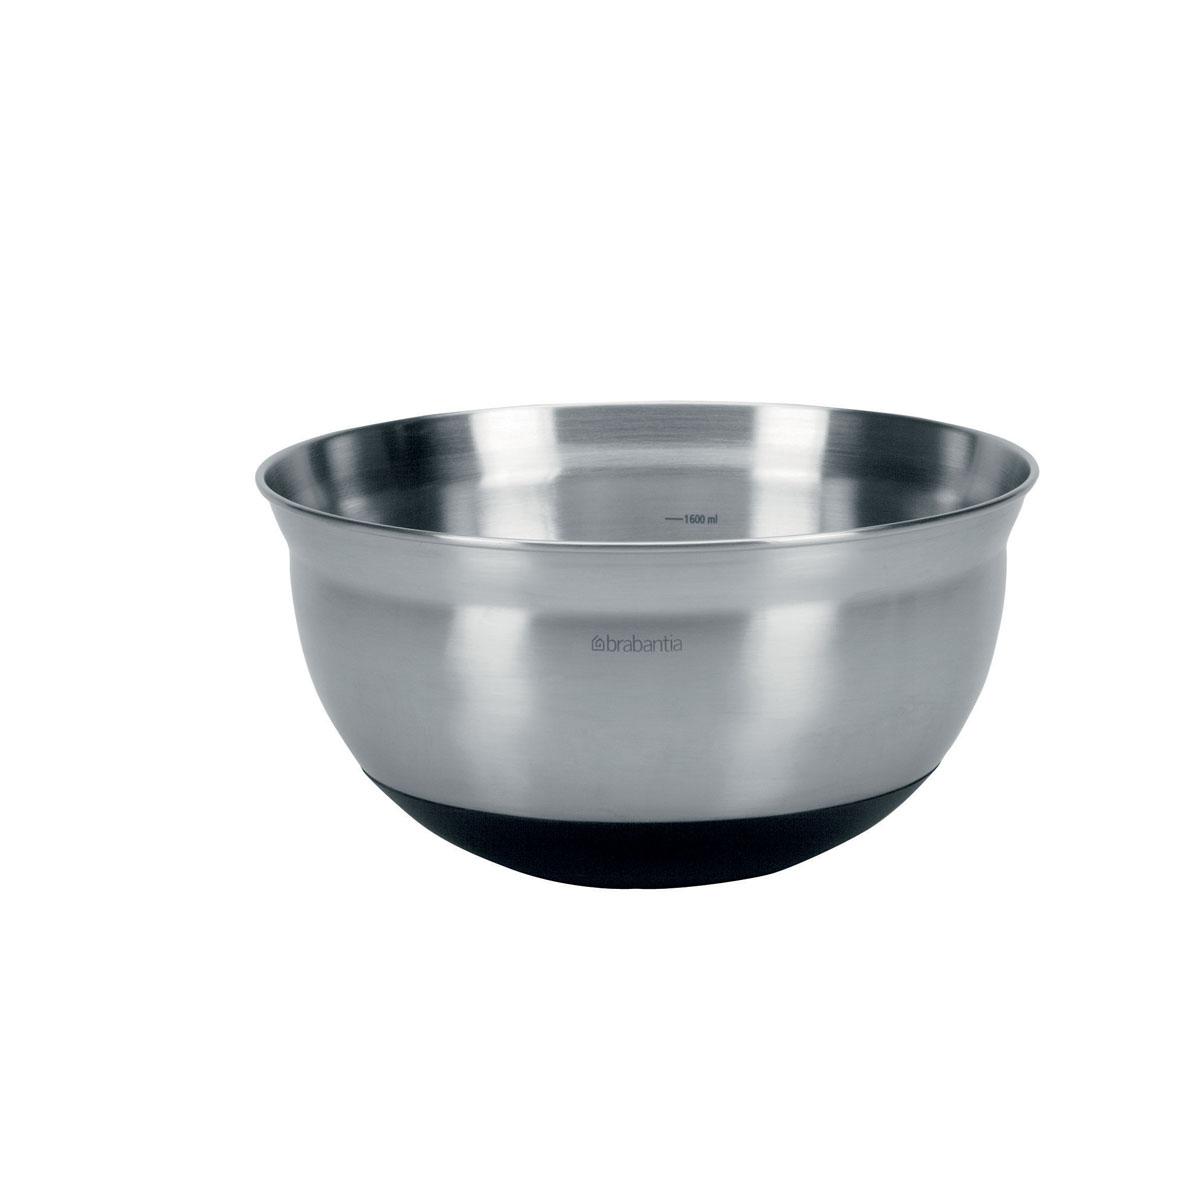 Салатник Brabantia, 1,6 л, цвет: стальной матовый, 363849363849Устойчивость и отсутствие царапин на поверхности стола – основание с нескользящим покрытием. Подходит для смешивания горячих ингредиентов – термостойкое покрытие (220°С).Удобная в использовании – мерные деления на внутренней поверхности. Прочная и удобная в очистке – изготовлена из нержавеющей стали.